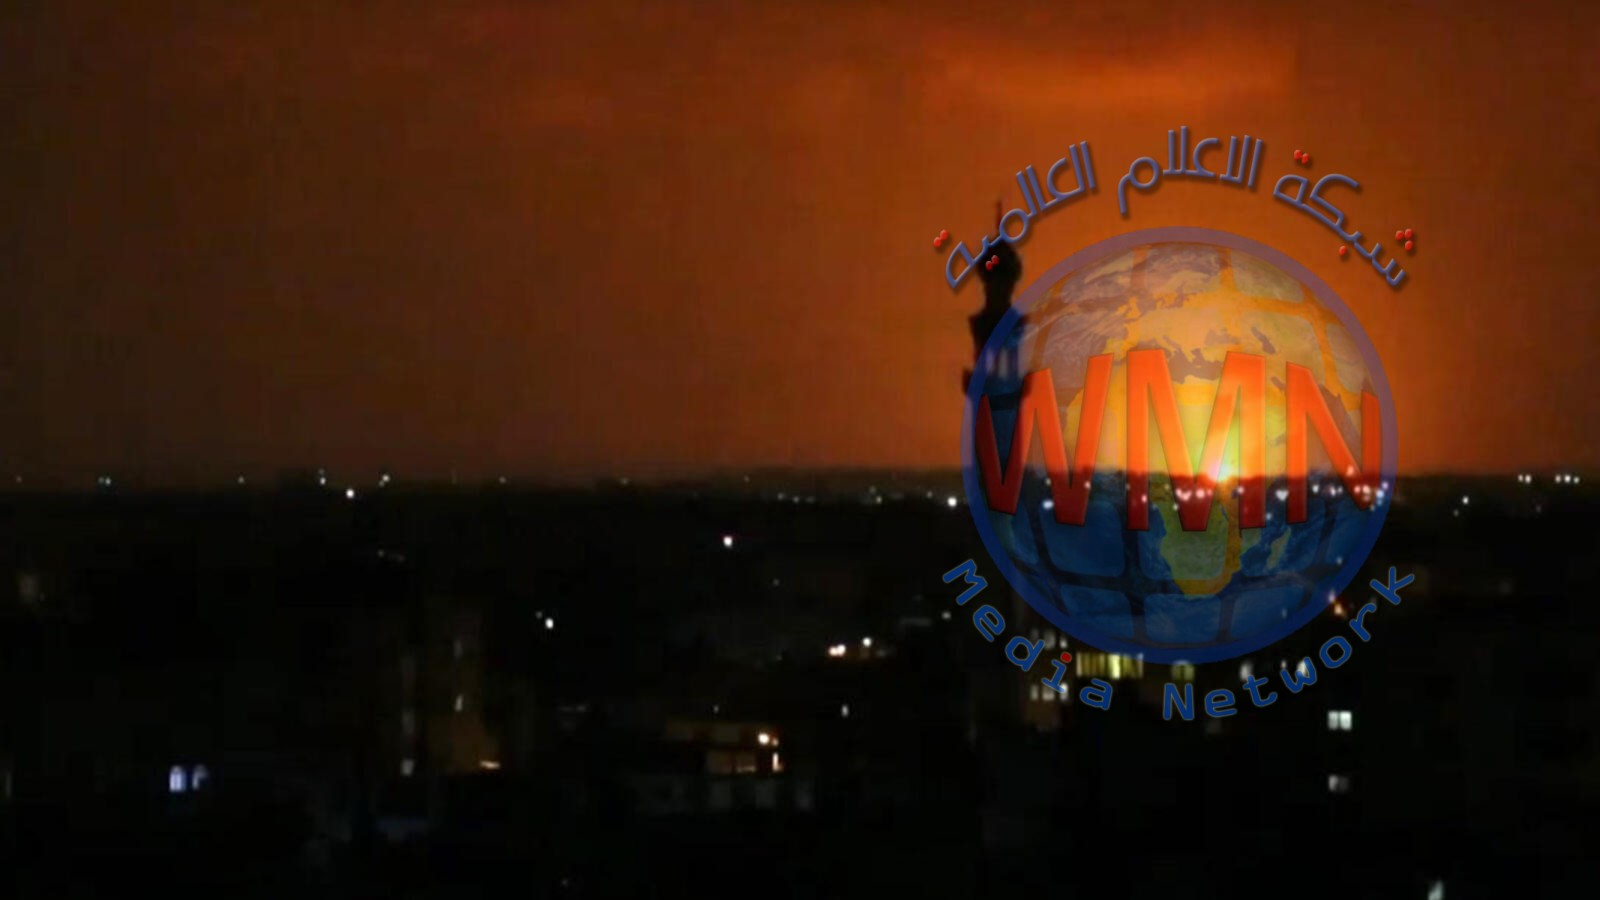 نتنياهو: اسرائيل على الارجح ذاهبة الى حرب في غزة